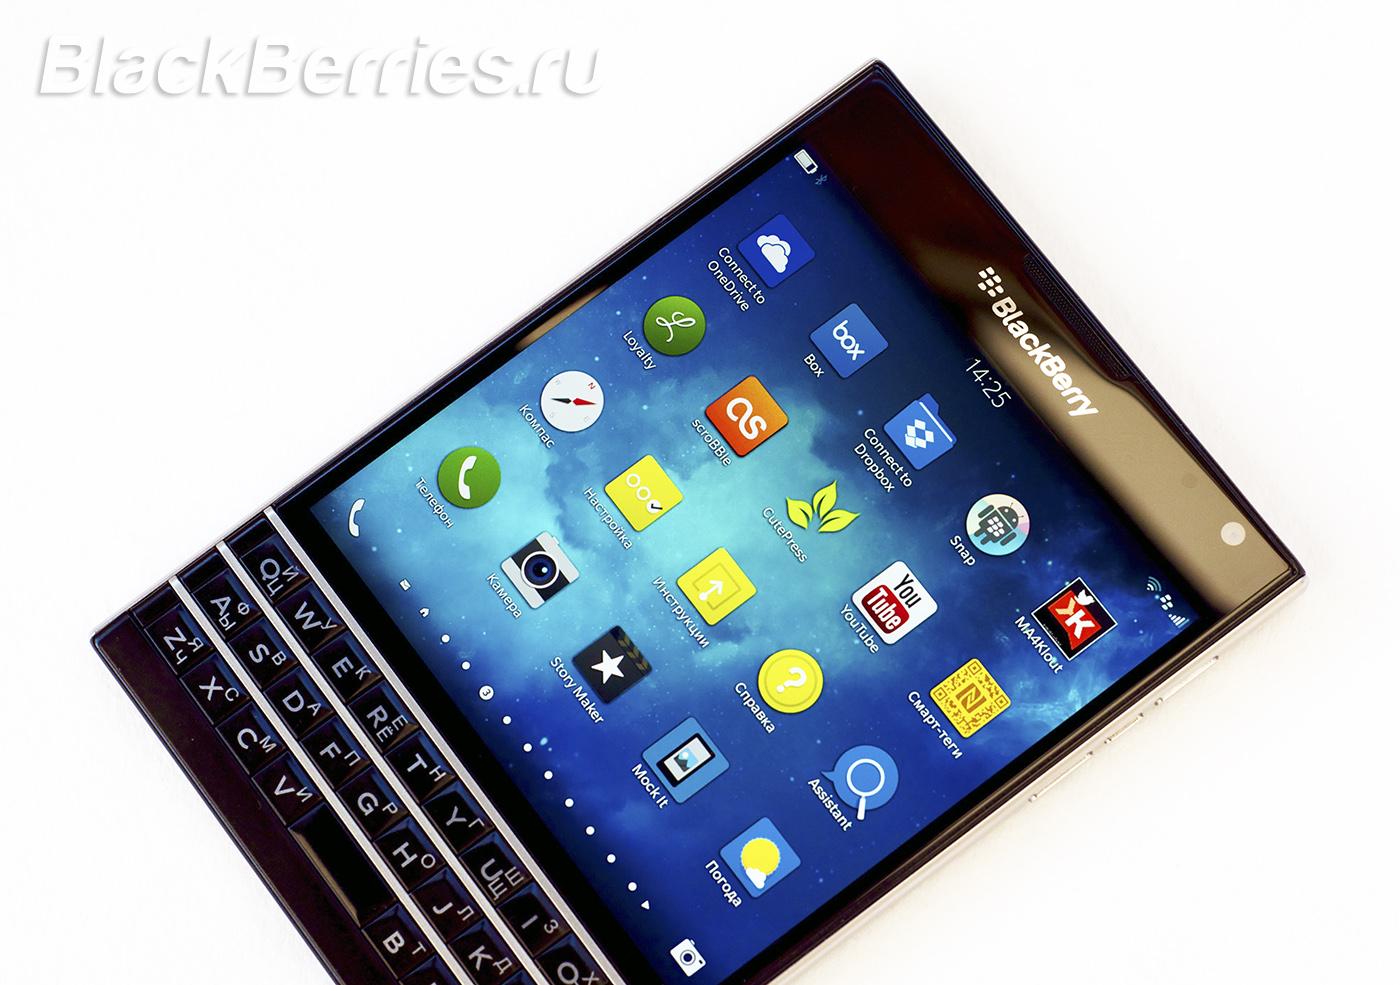 BlackBerry-Passport-Apps-06